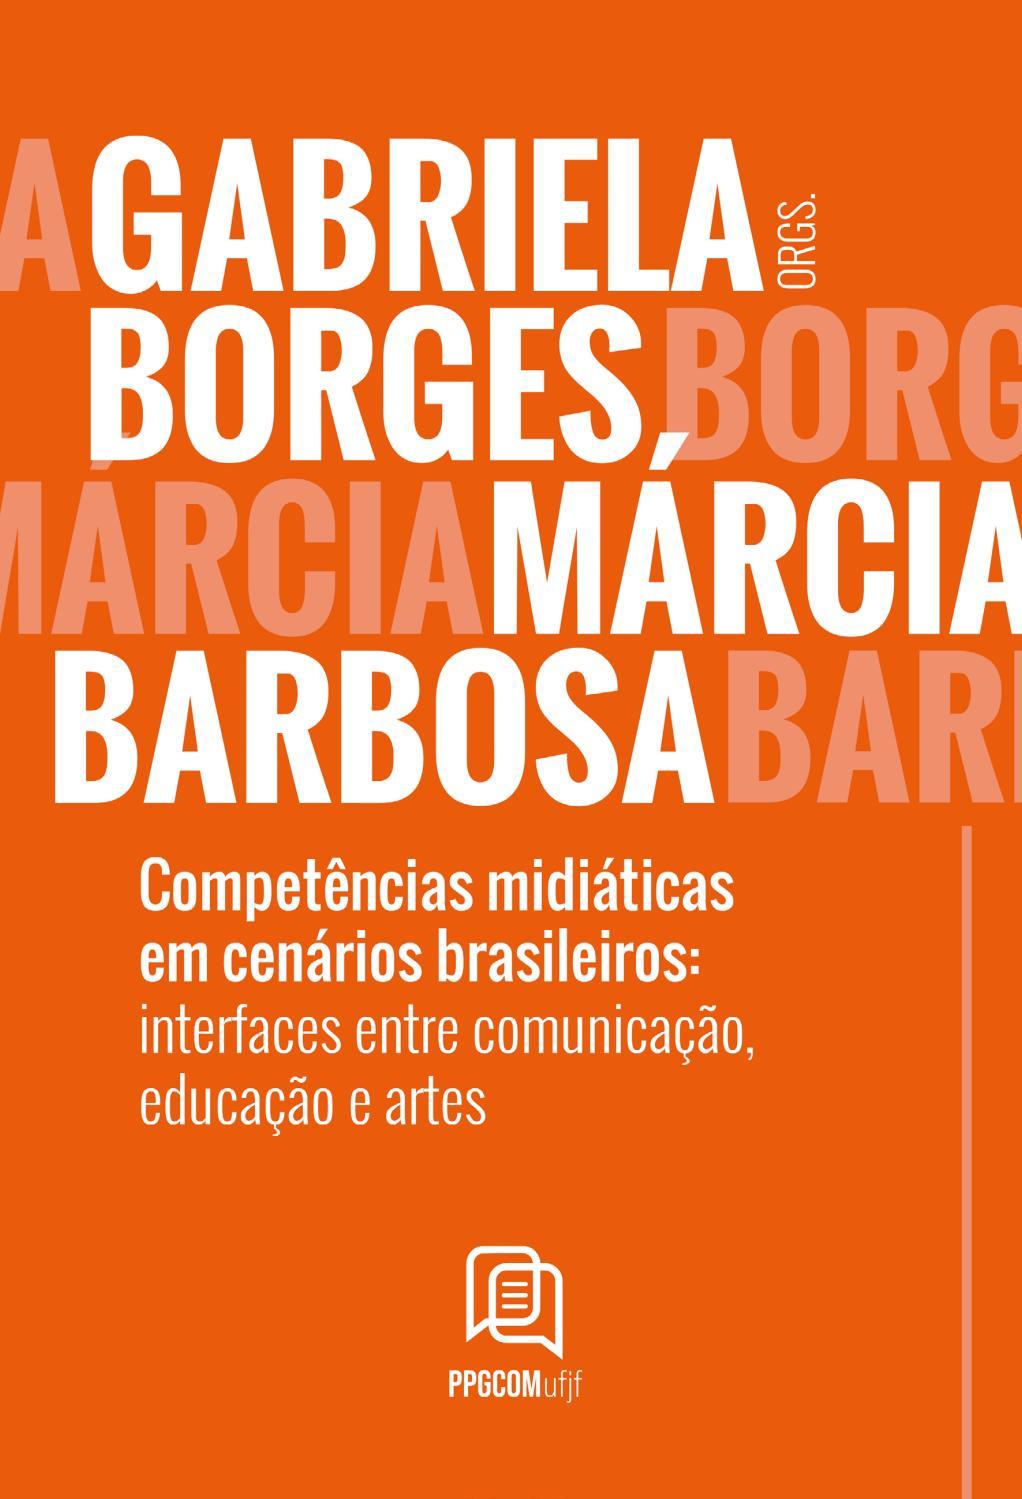 Brasileiro anúncios 799670